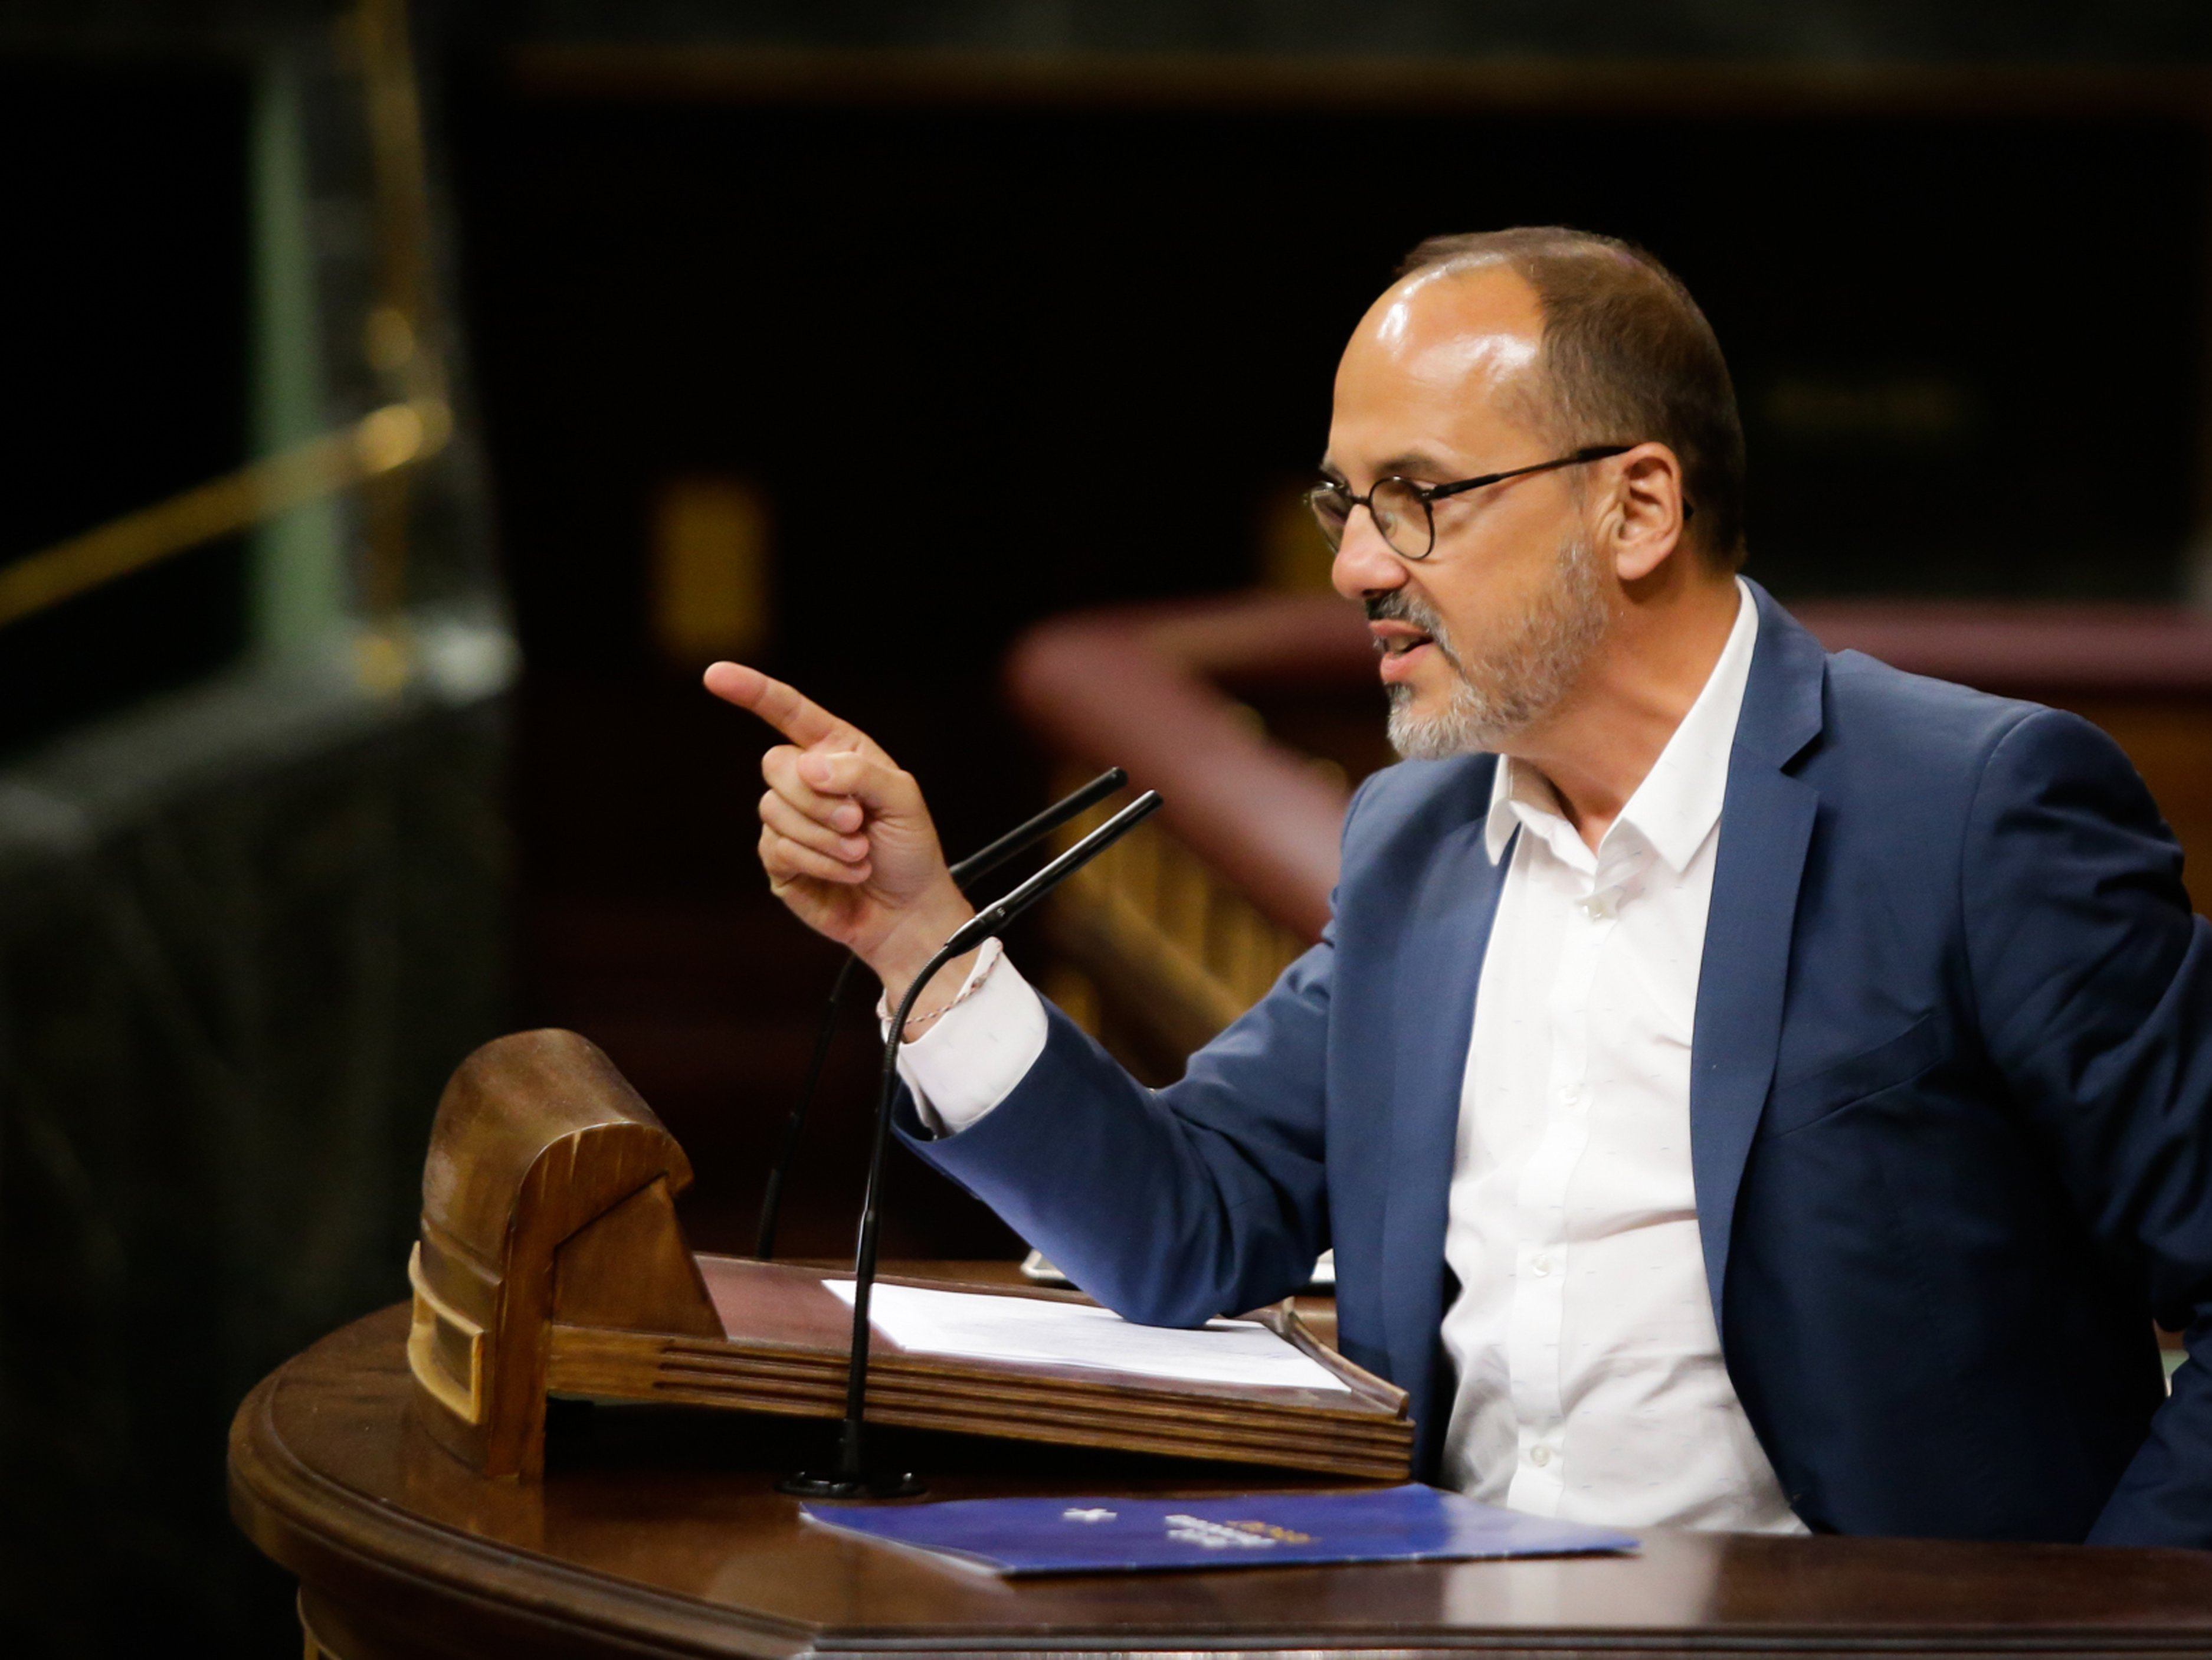 Carles Campuzano / ACN